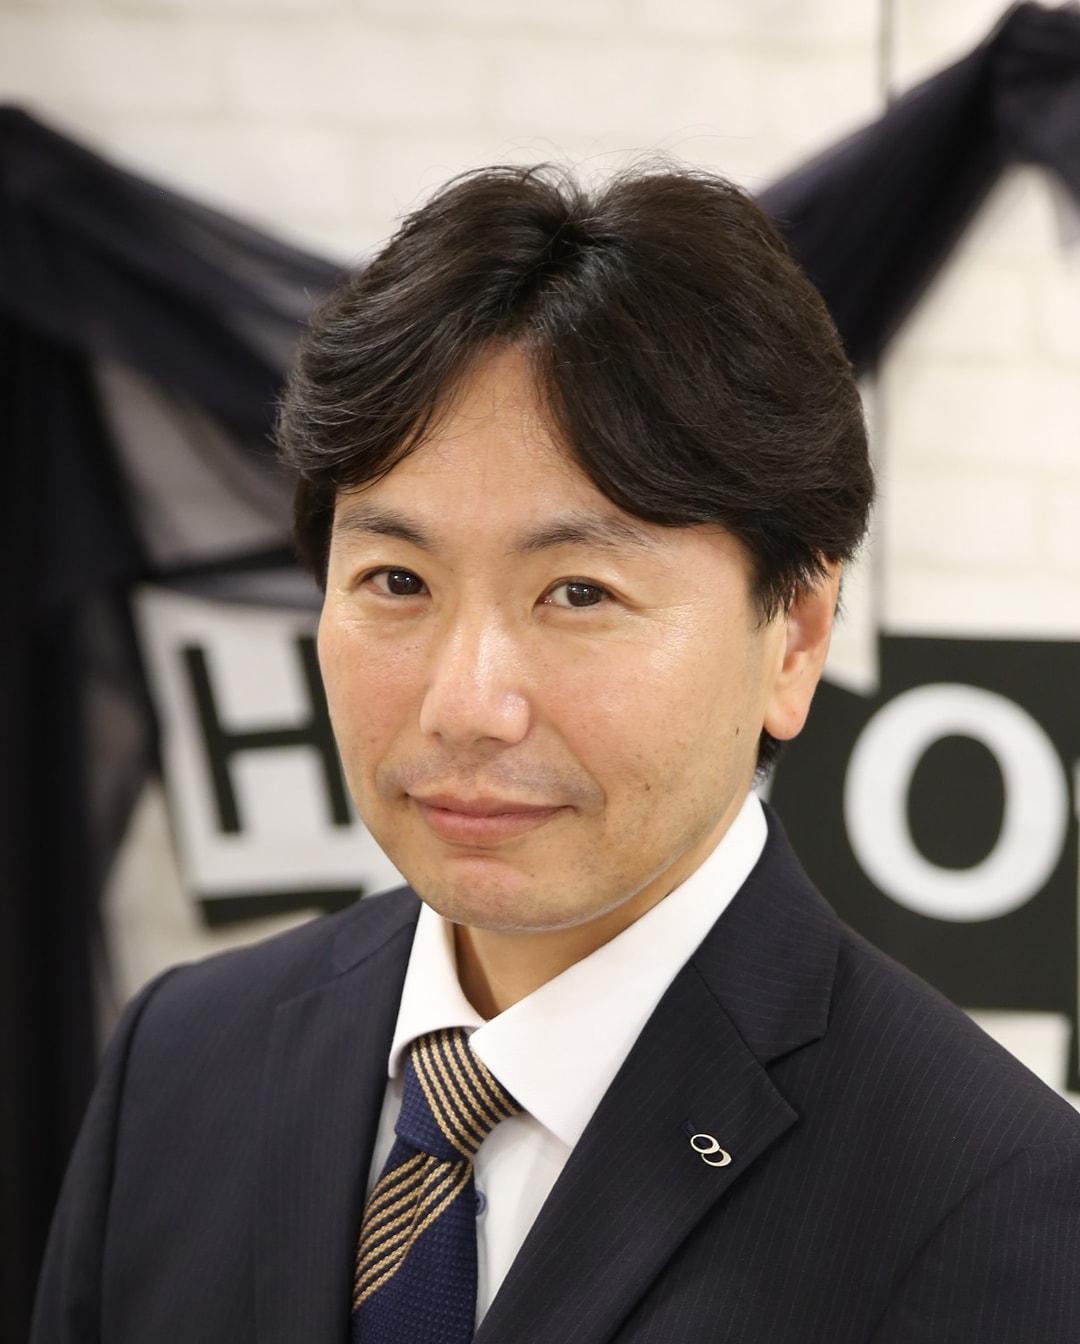 桑名店 店長 田島